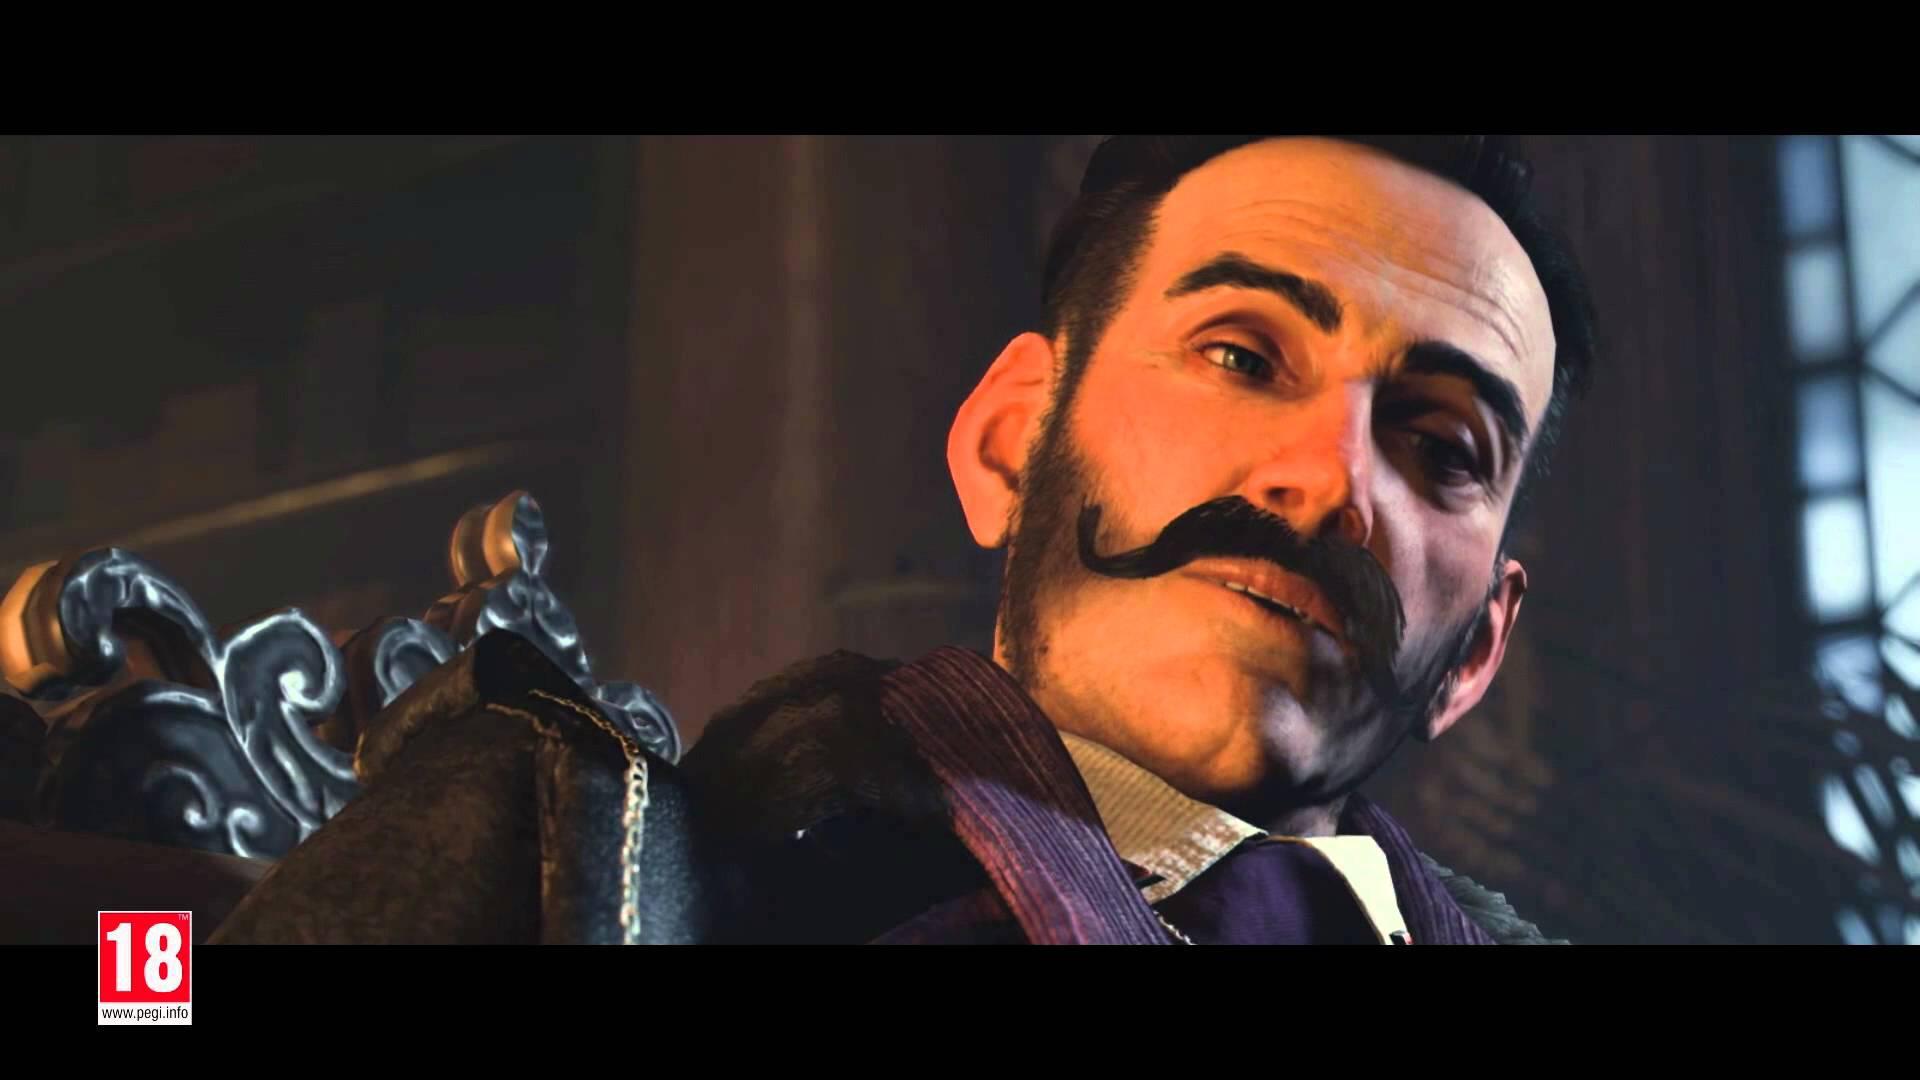 Trailer de lansare Evie Frye pentru Assassin's Creed: Syndicate